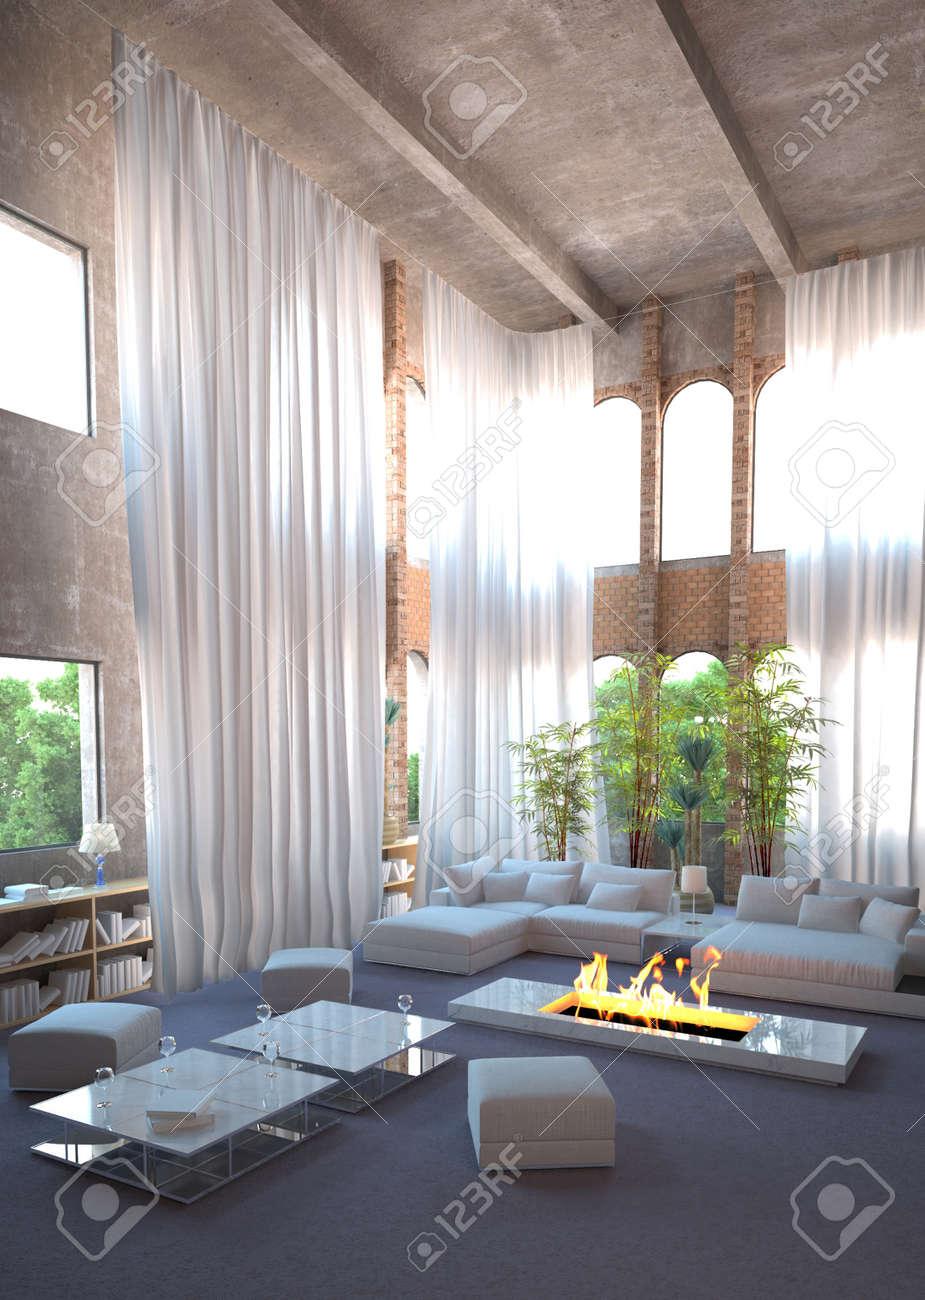 Modernes Design Loft Interieur Und Weiße Vorhänge Lizenzfreie Fotos ...